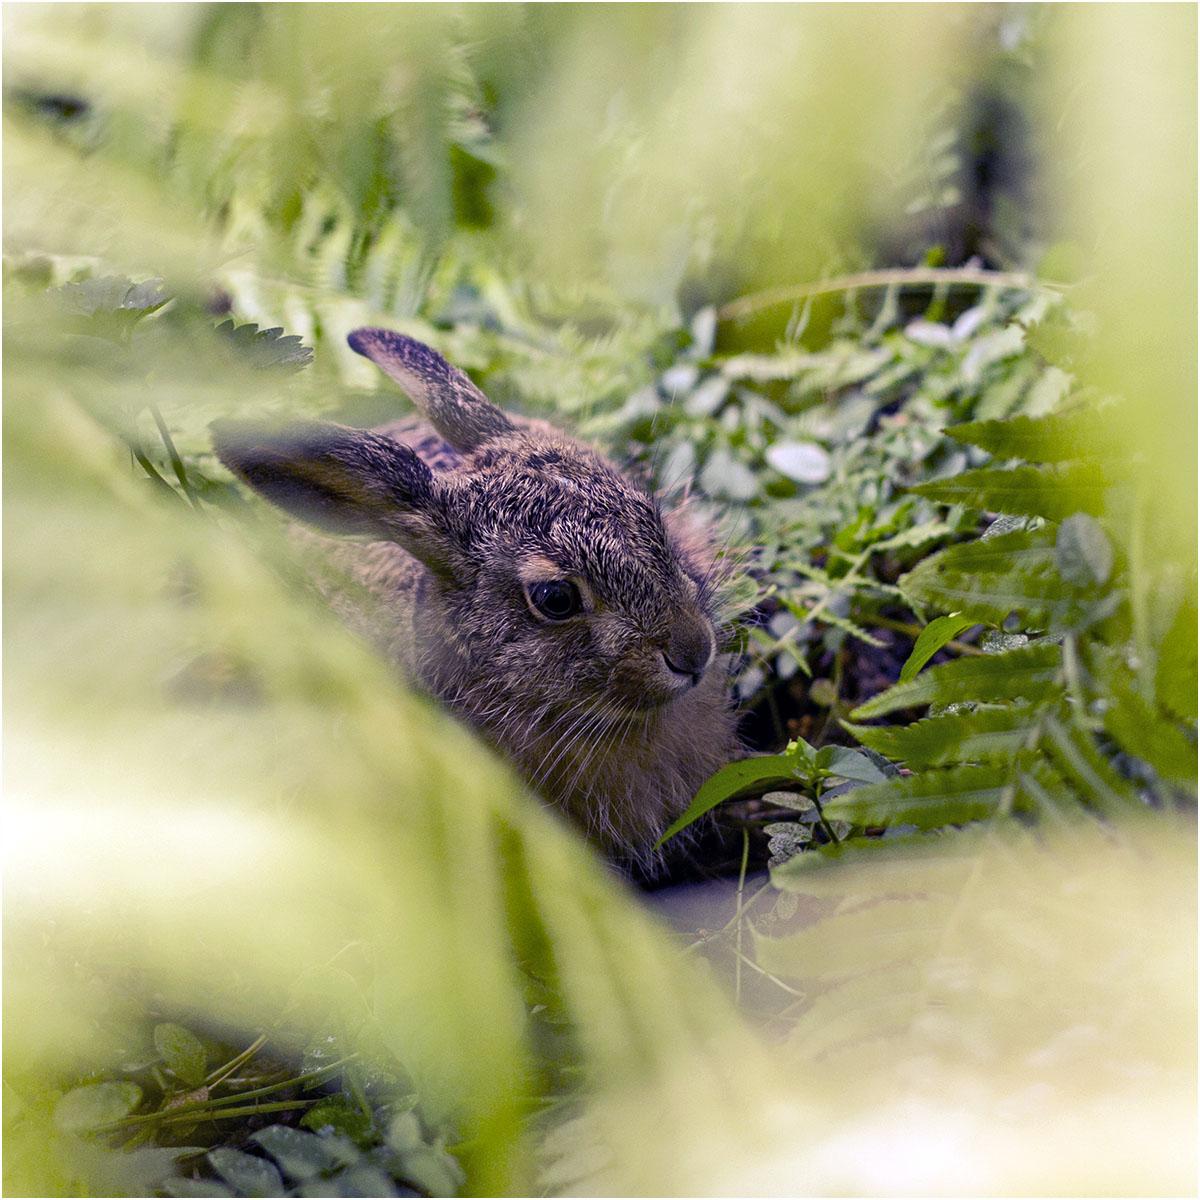 Baby Hare II by LovLus